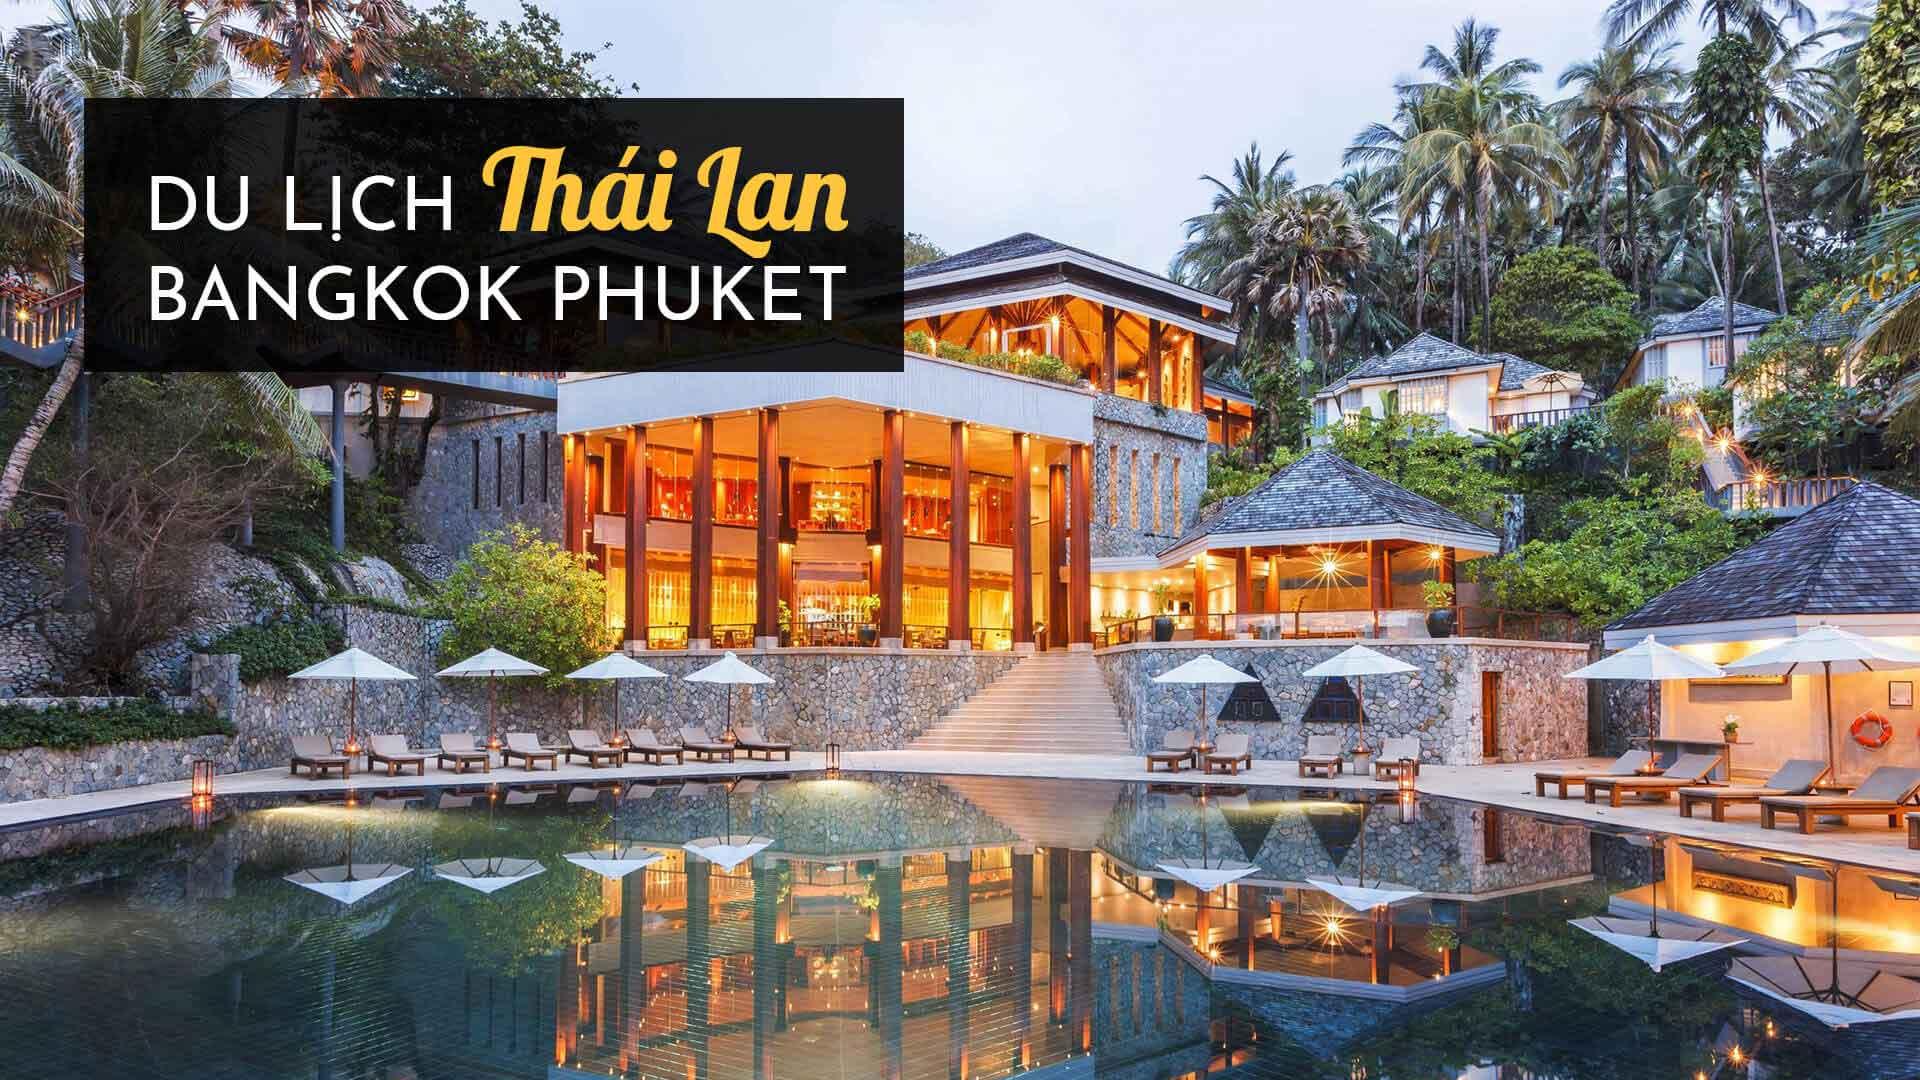 Du lịch Thái Lan Bangkok Phuket